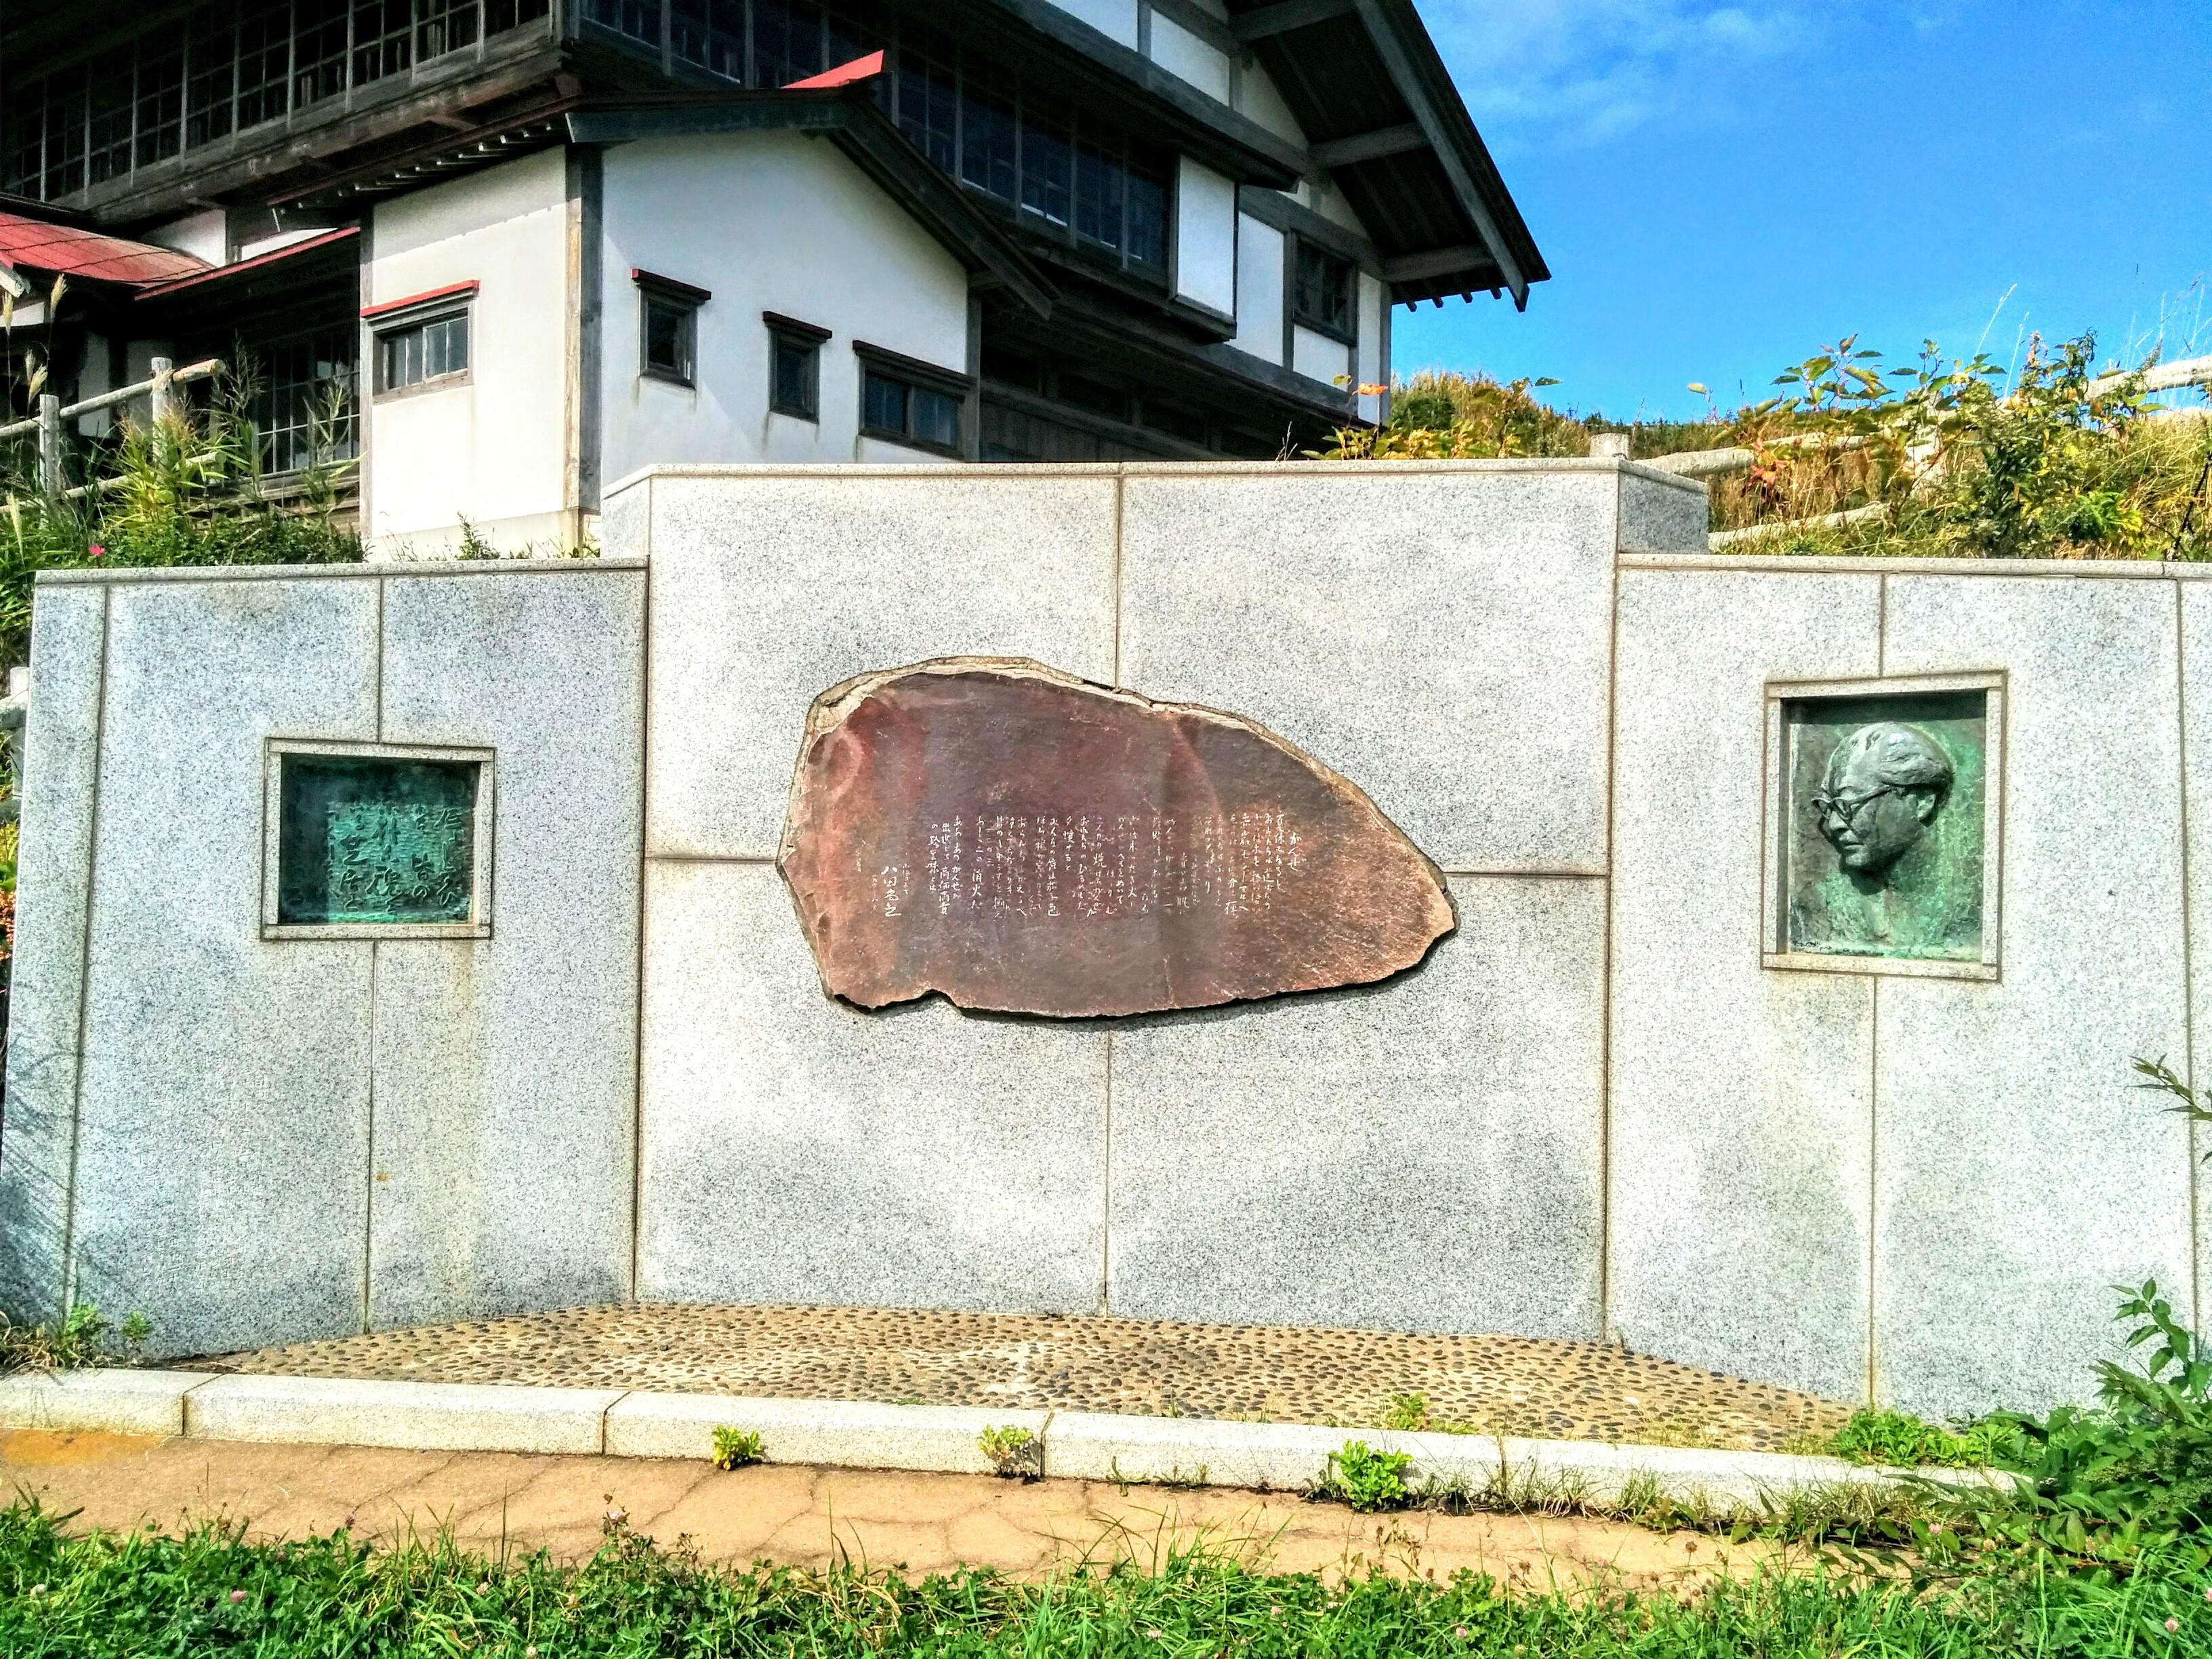 【小樽】観光タクシーの八田尚之文学碑観光案内です。